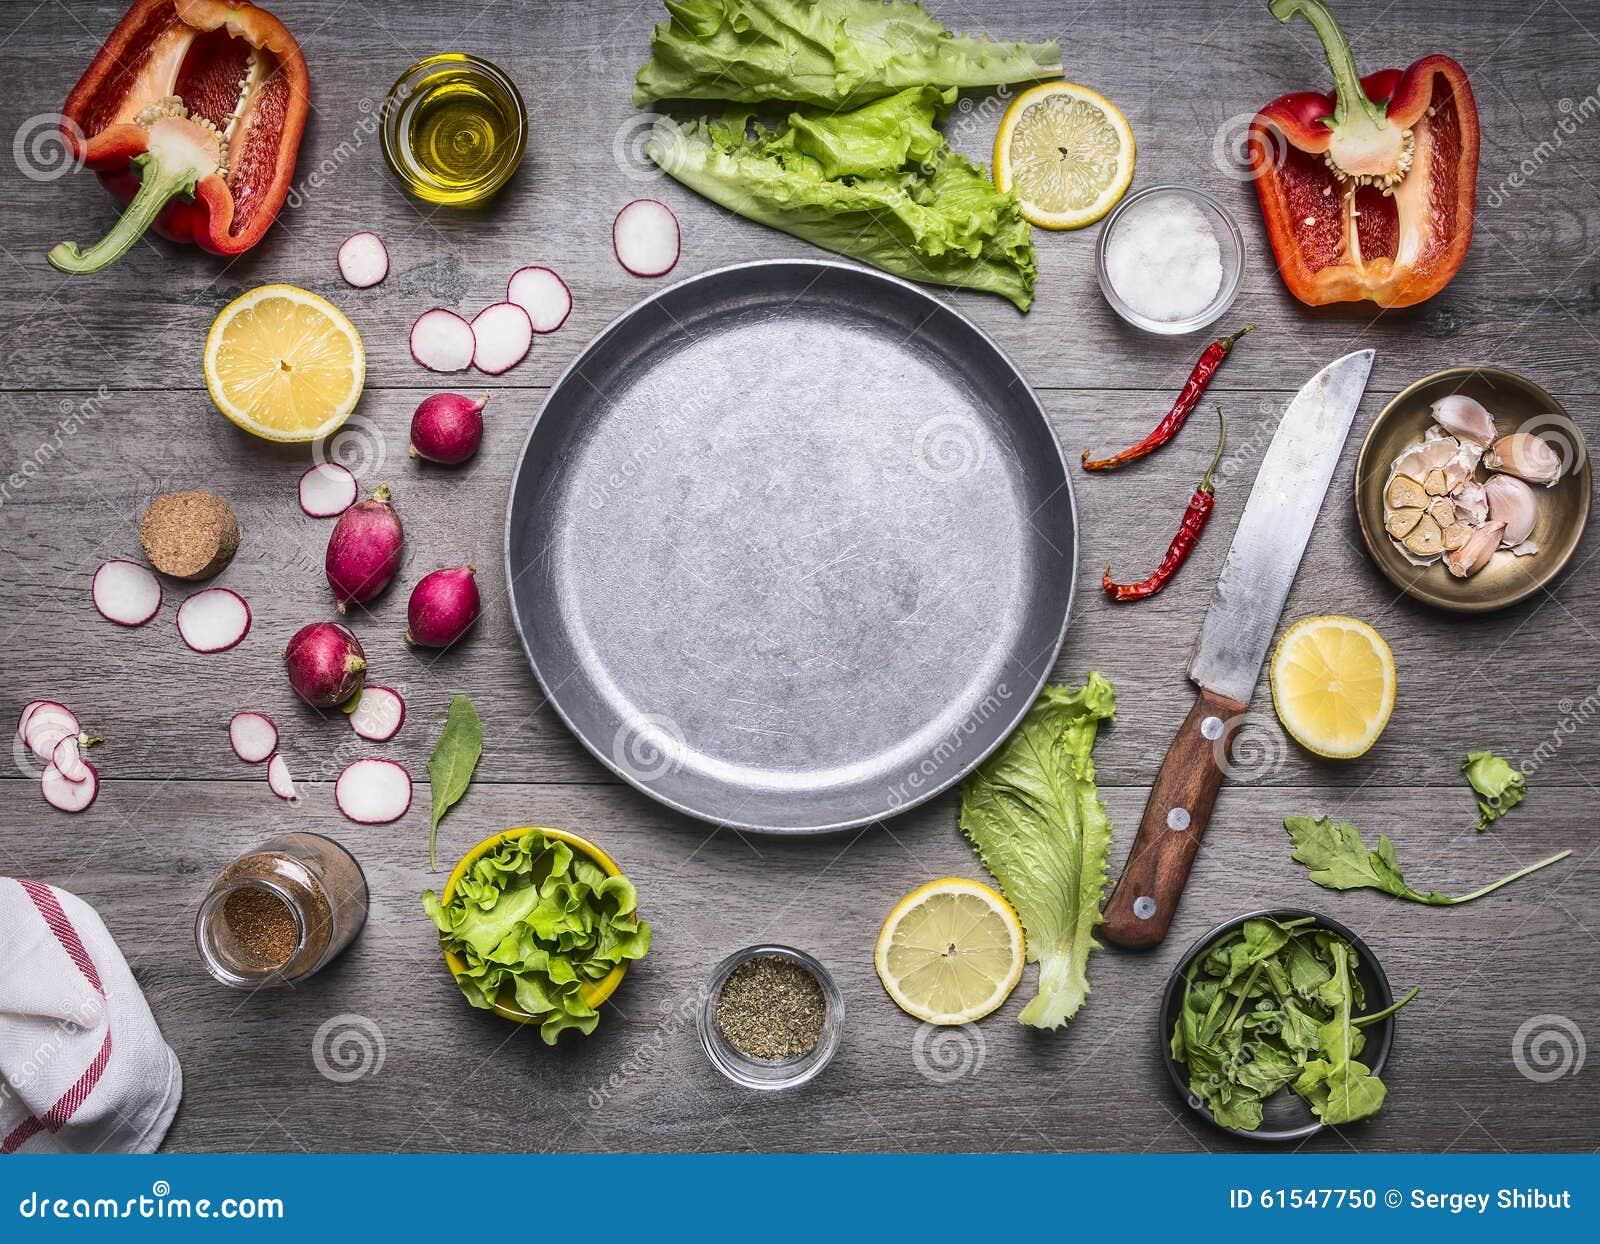 El concepto que cocina los ingredientes alimentarios vegetarianos presentados alrededor de la cacerola con un cuchillo condimenta